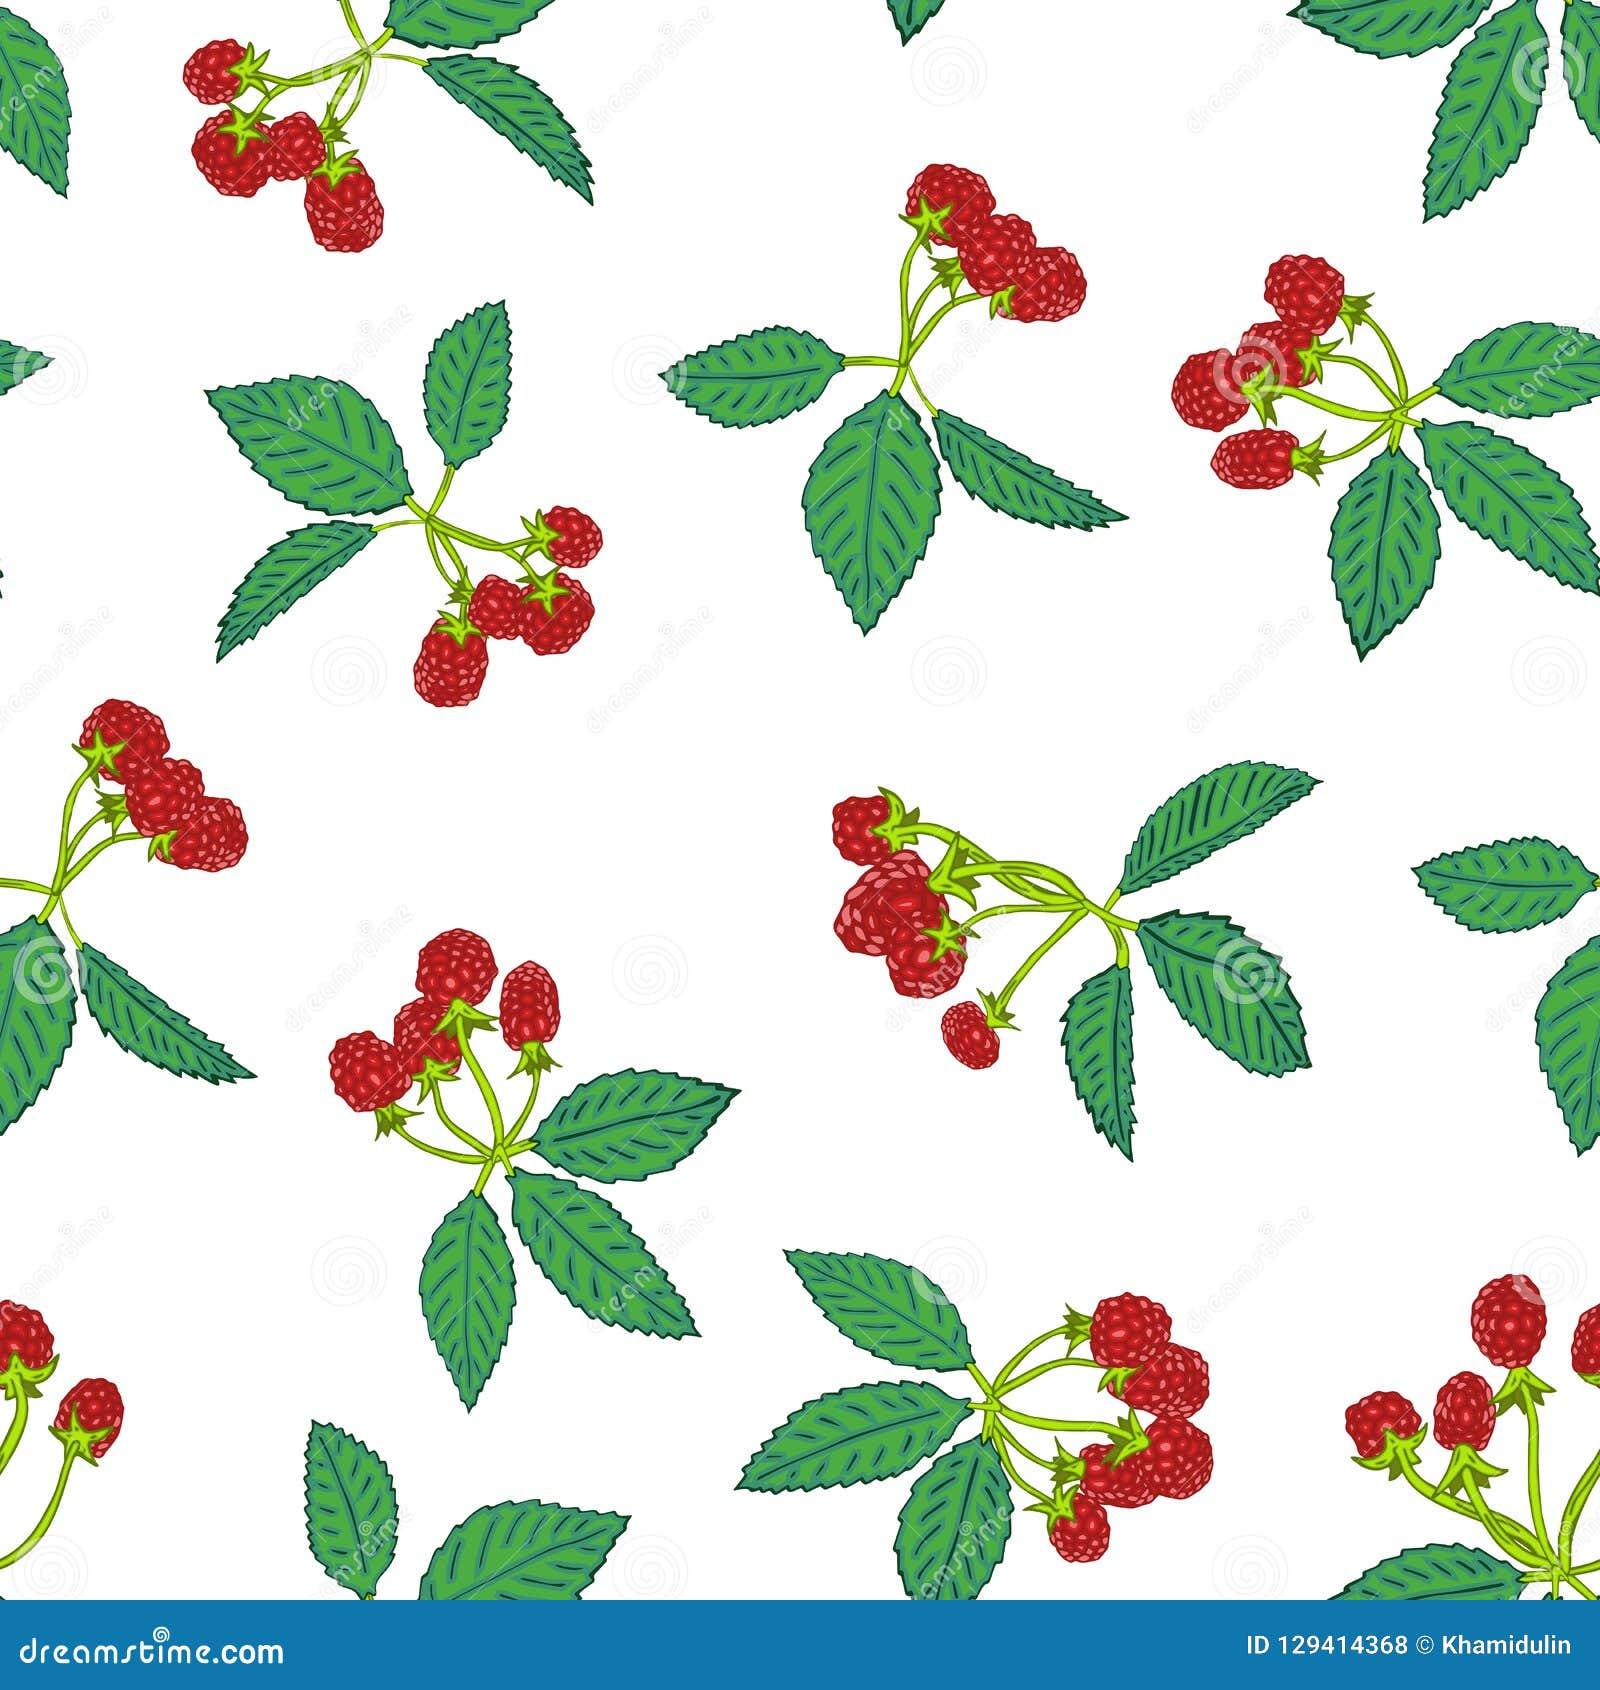 Nahtloses Muster der Brombeere oder der Himbeere Beerenhintergrund für Gewebe, Tapete, Sätze Zeichnungen, Abdeckungen, Oberfläche